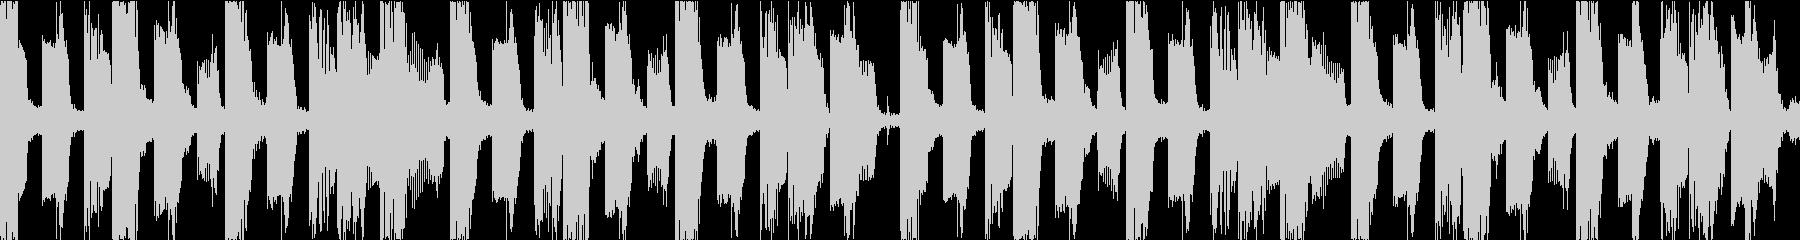 BGM03 シンセ 15秒ループの未再生の波形